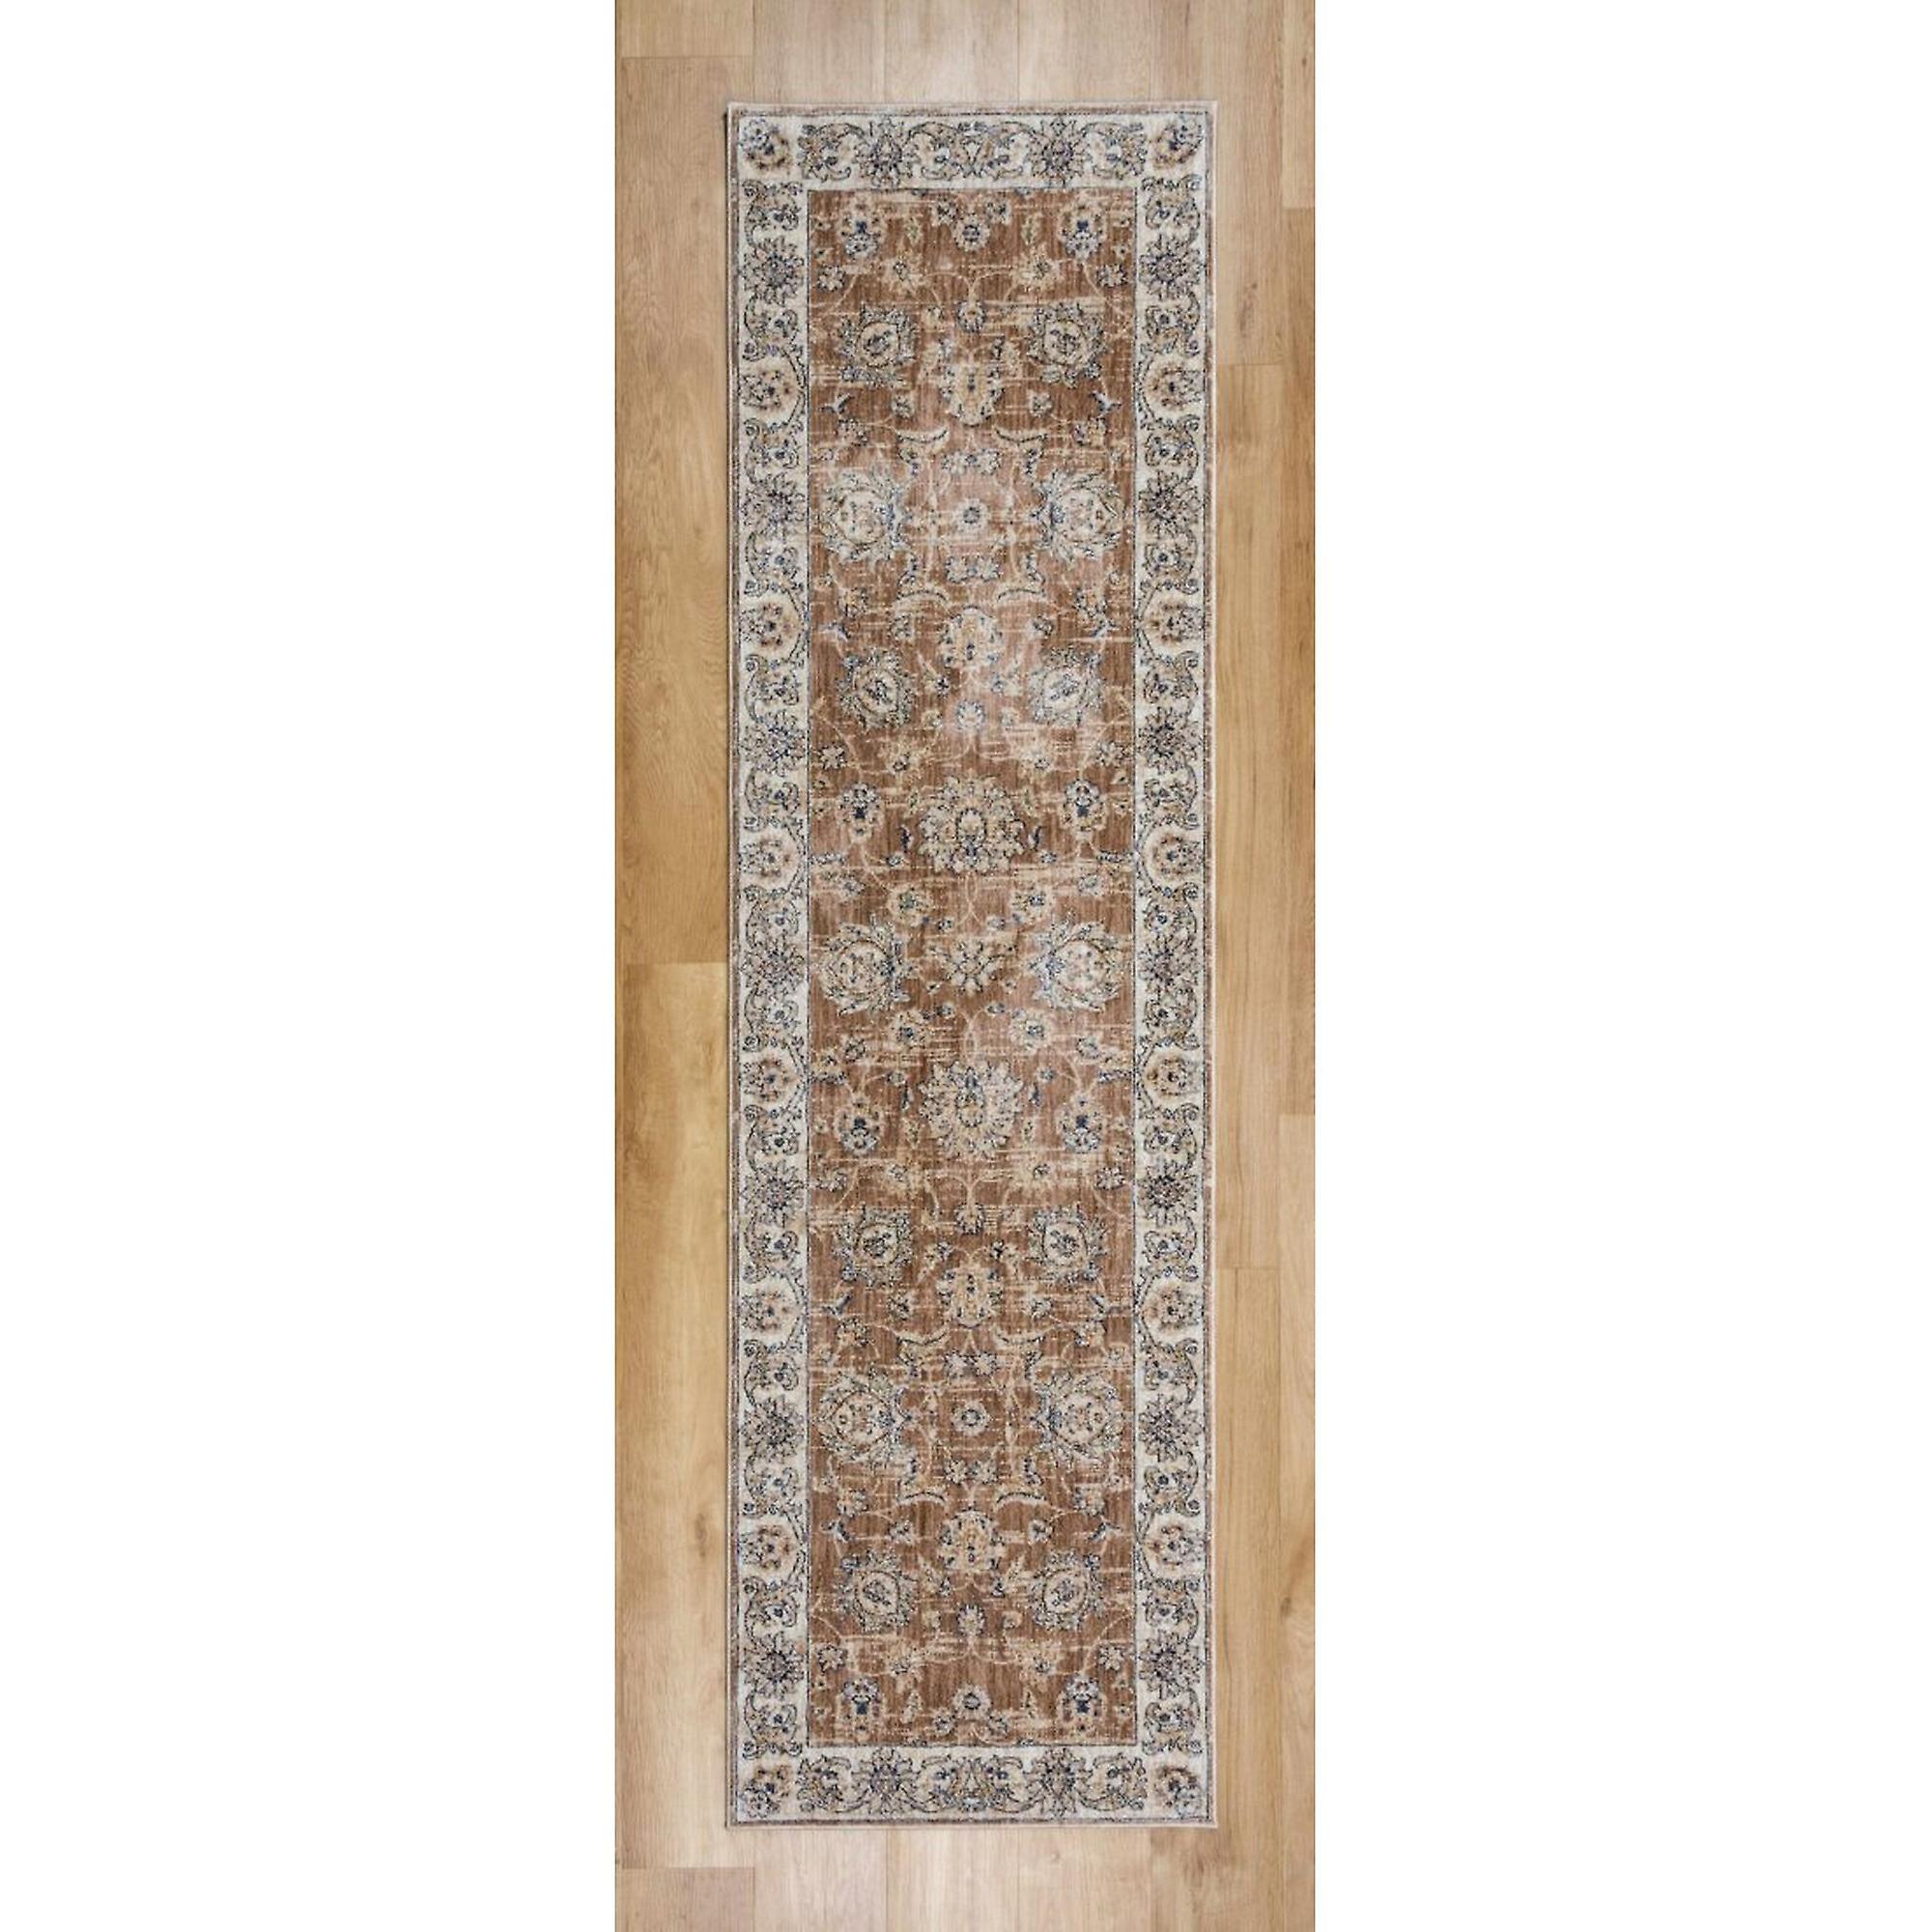 Alhambra courirner 6992A In Rose Beige